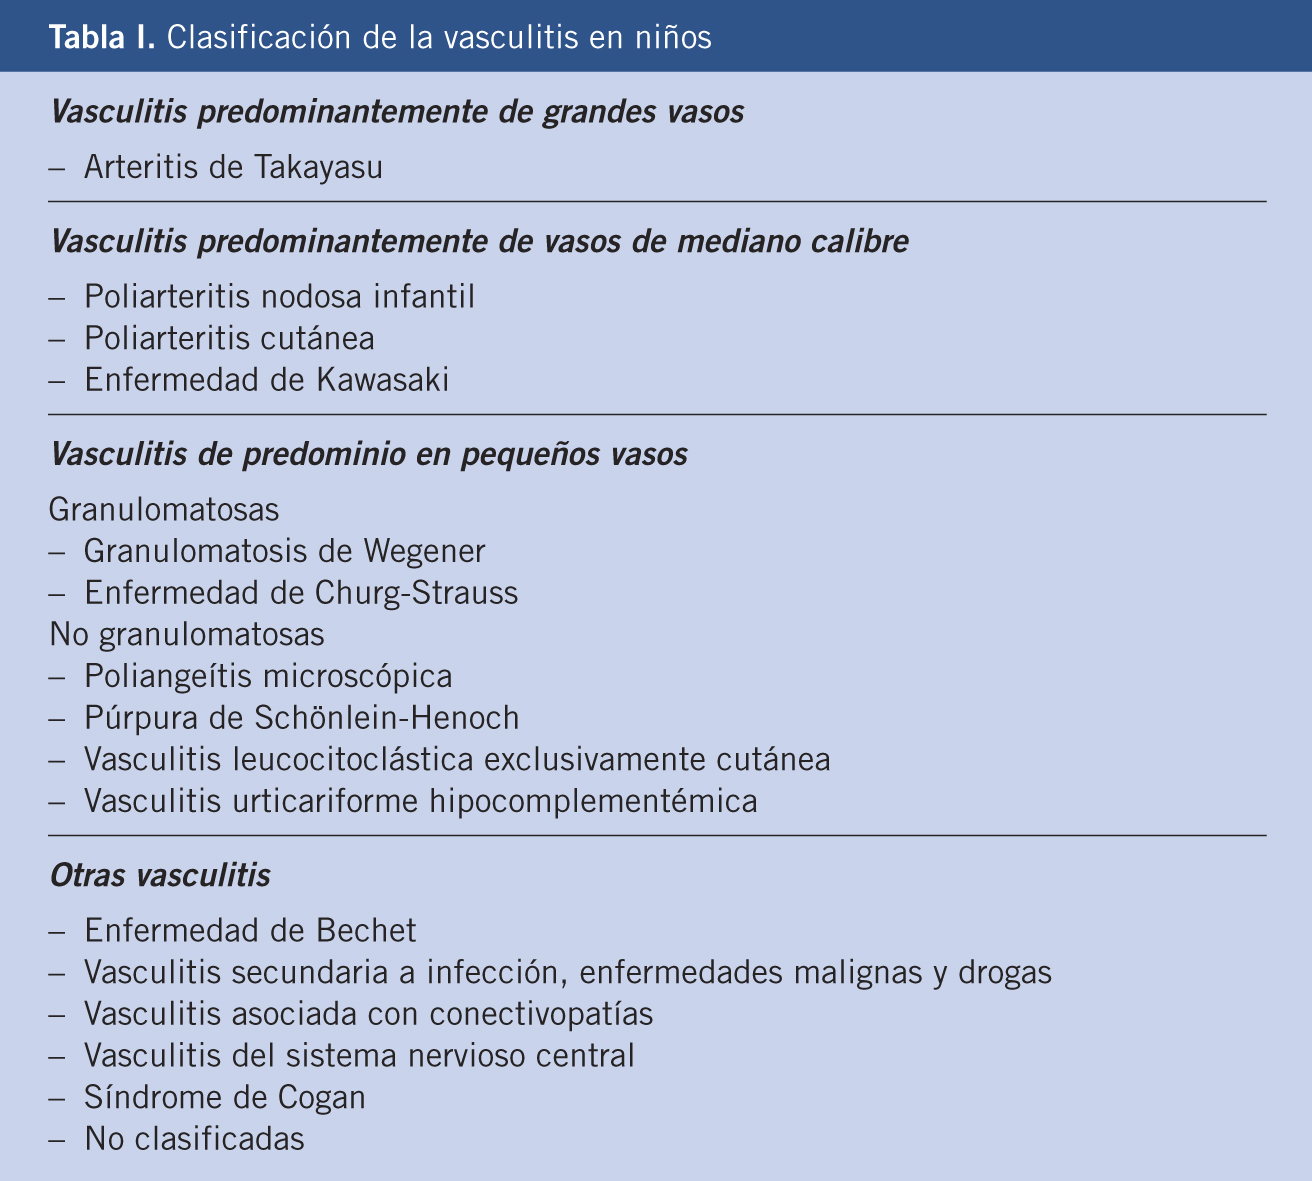 causas principales de vasculitis